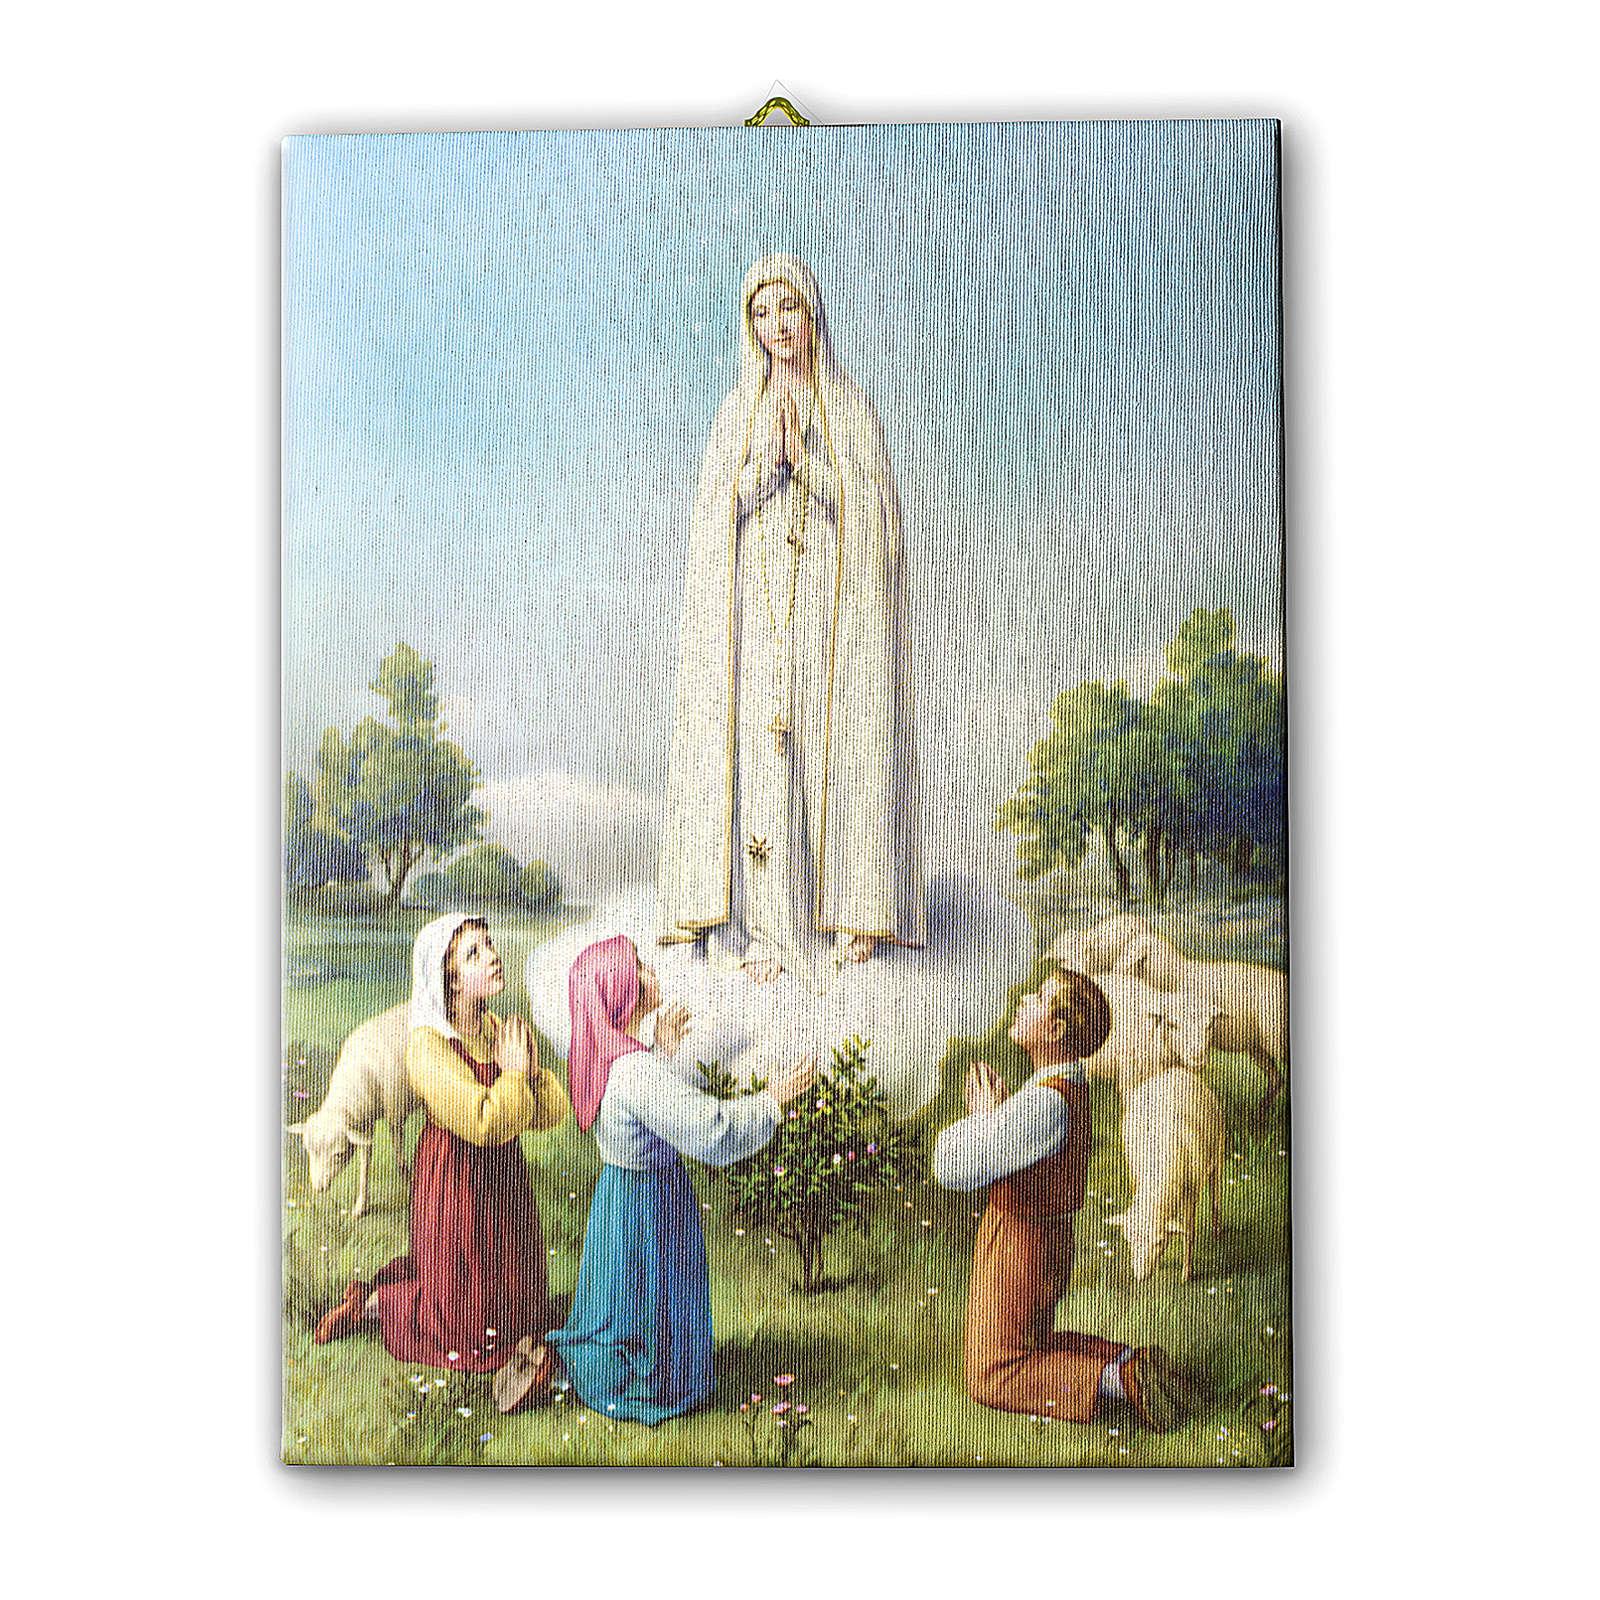 Cuadro sobre tela pictórica Virgen de Fátima con Pastores 25x20 cm 3